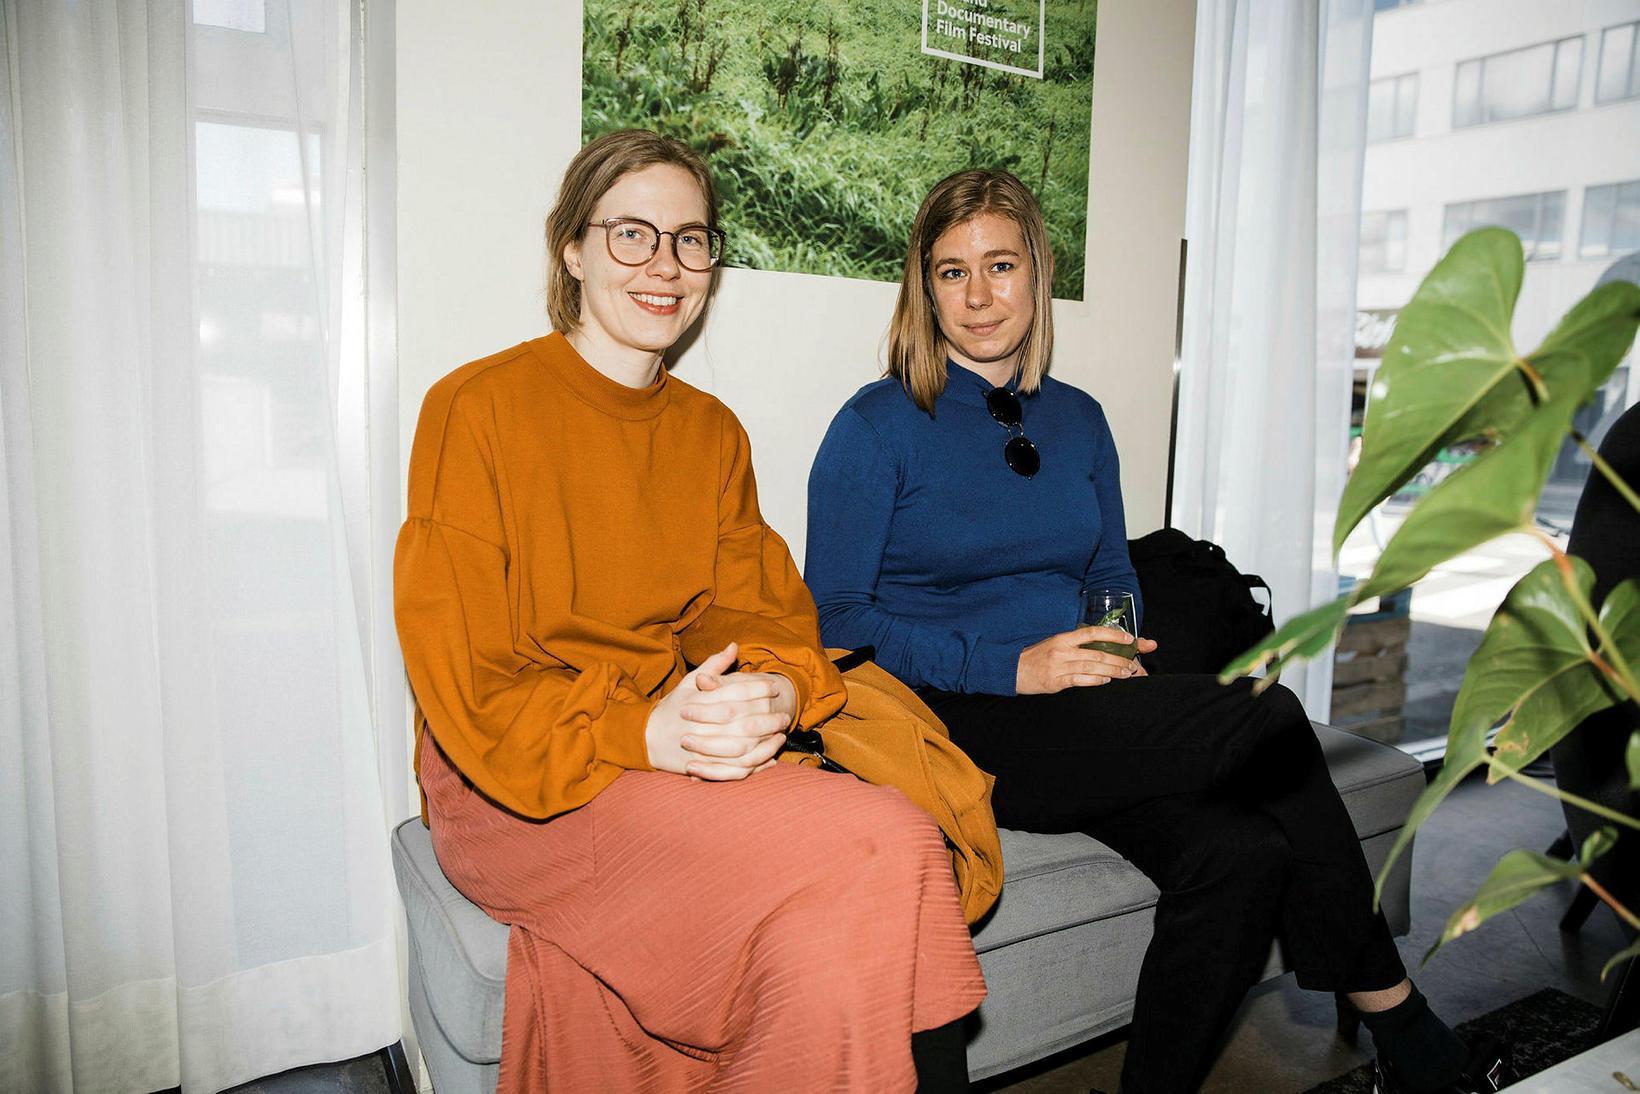 María Ágústsdóttir og Ingibjörg Halldórsdóttir.